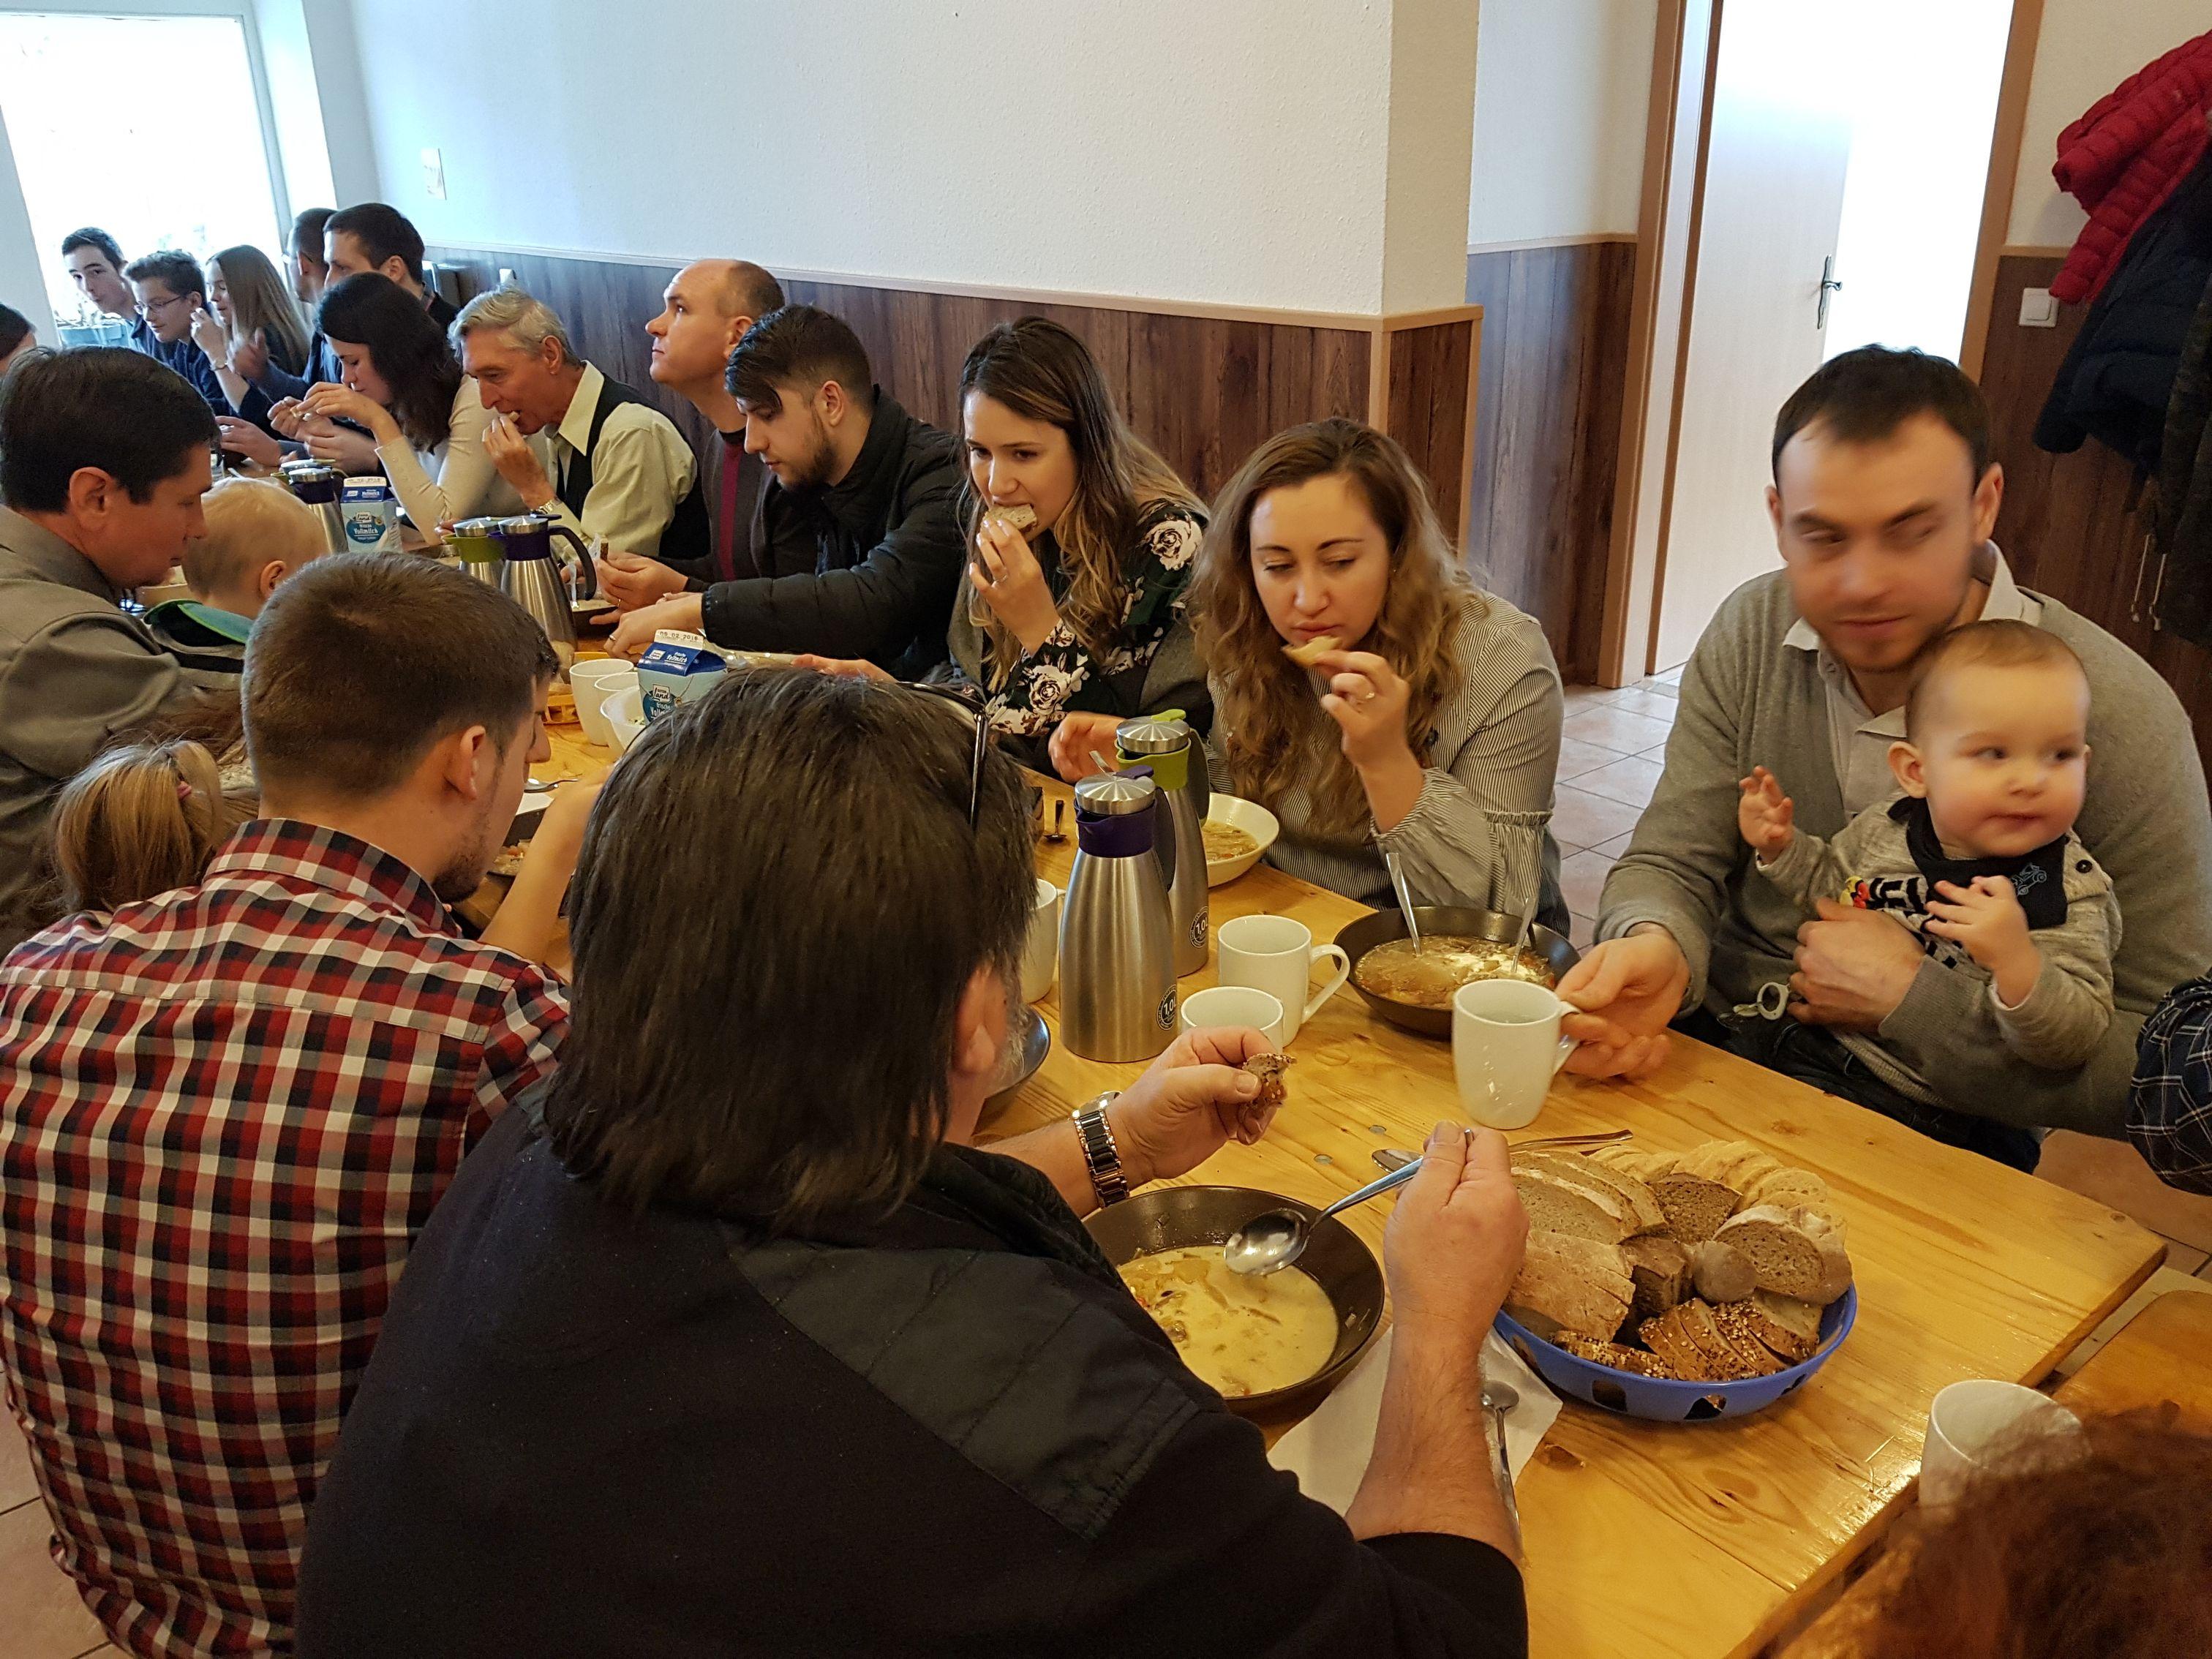 20180121_122706 - Evangeliums-Christen Gemeinde Leipzig